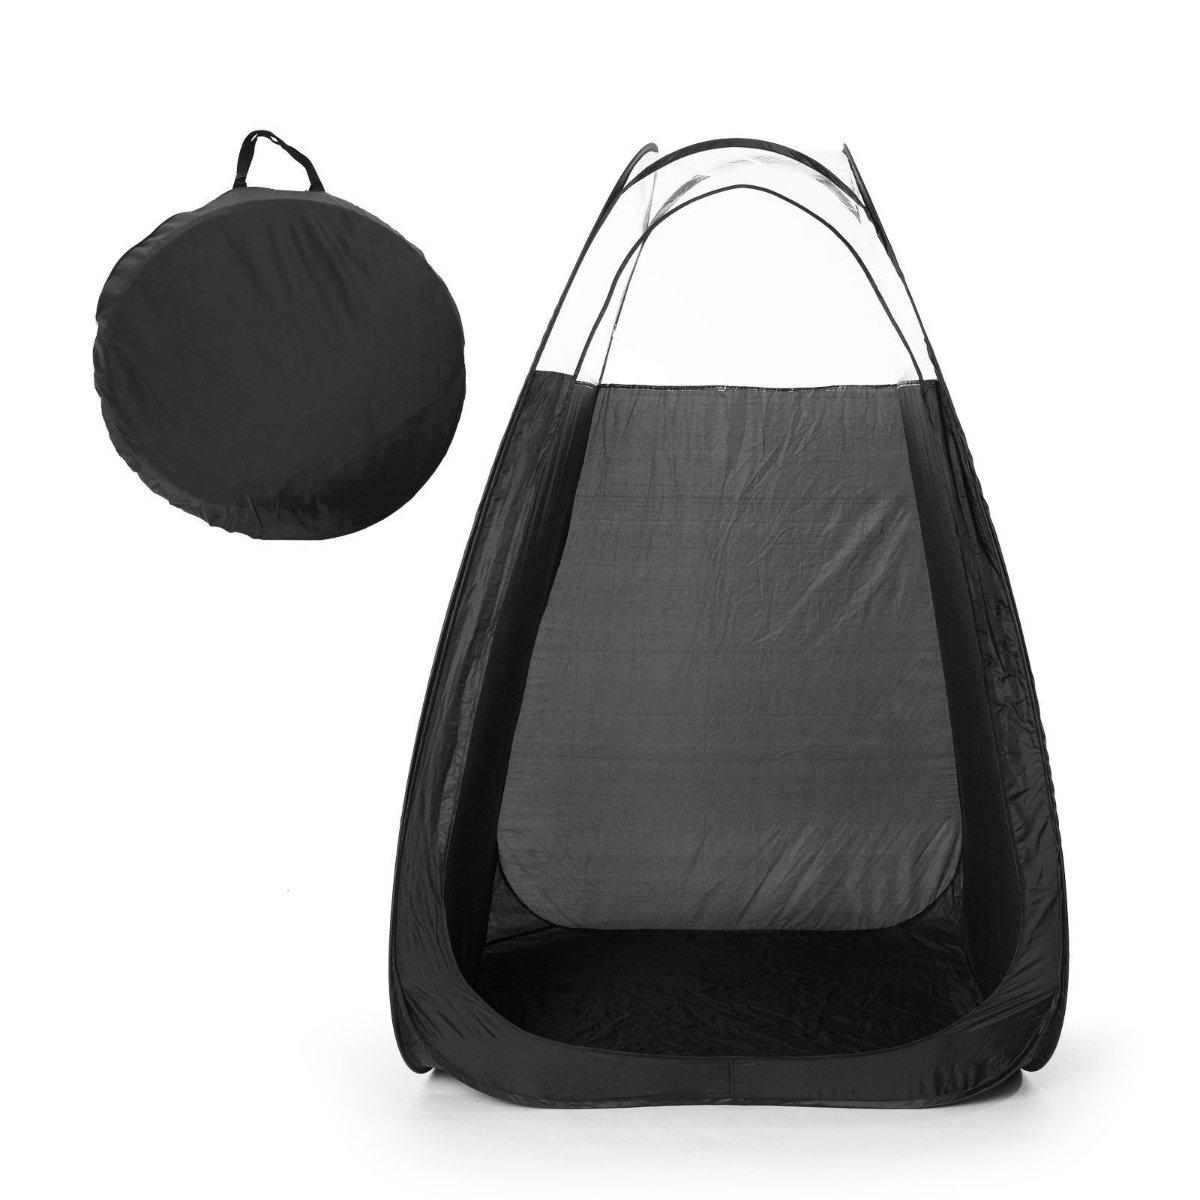 Black Pop-Up Spray Tanning Tent